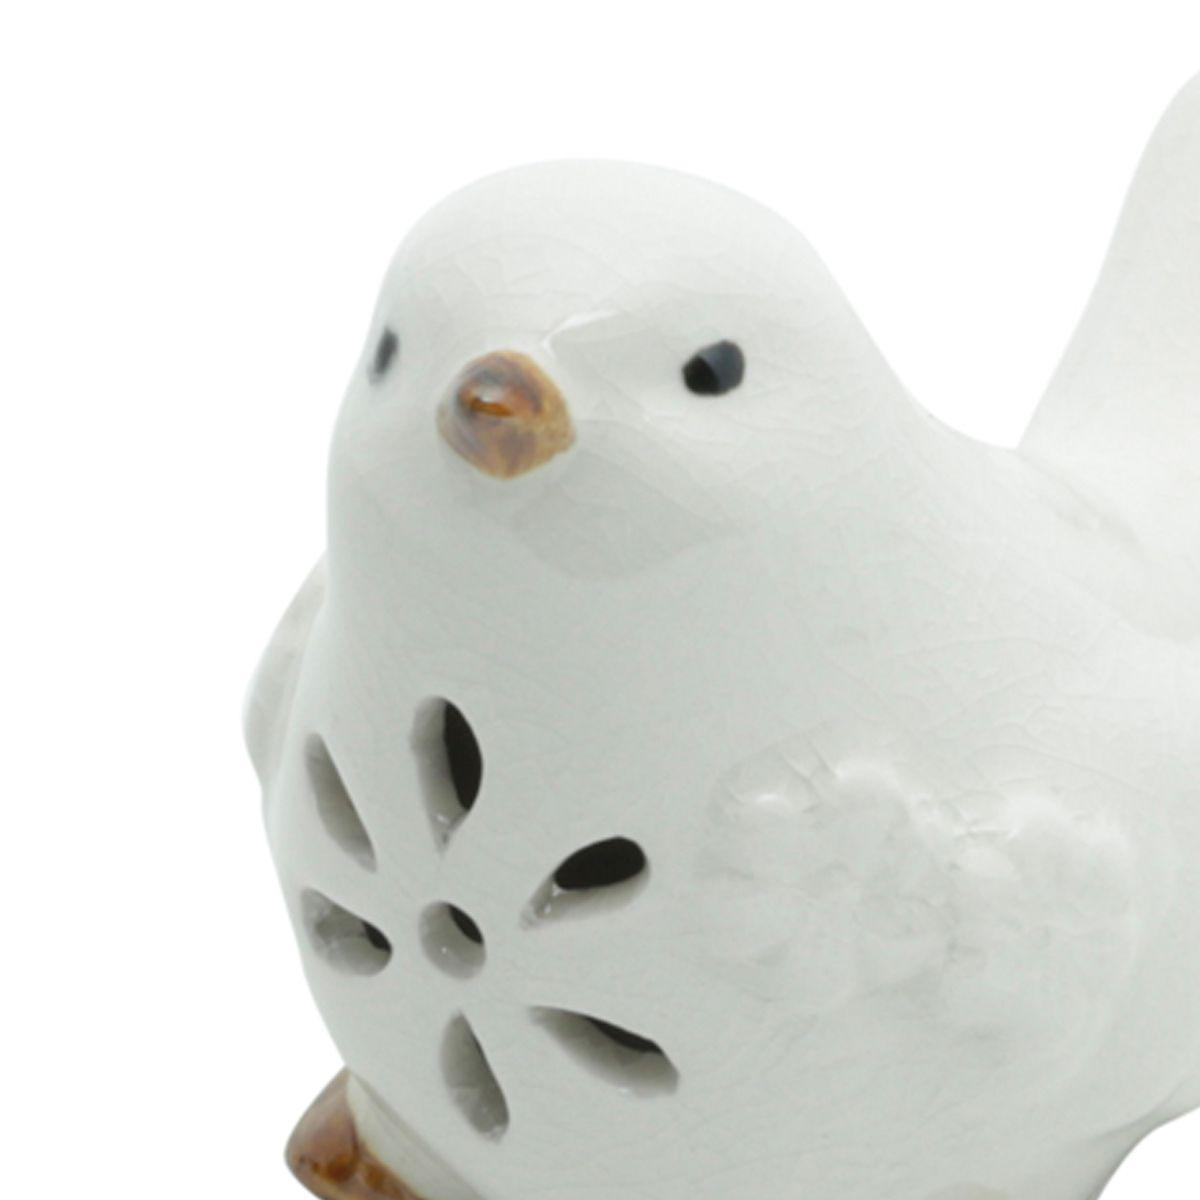 Pássaro decorativo 9,5 x 6 cm de cerâmica branca Peace Lyor - L4178